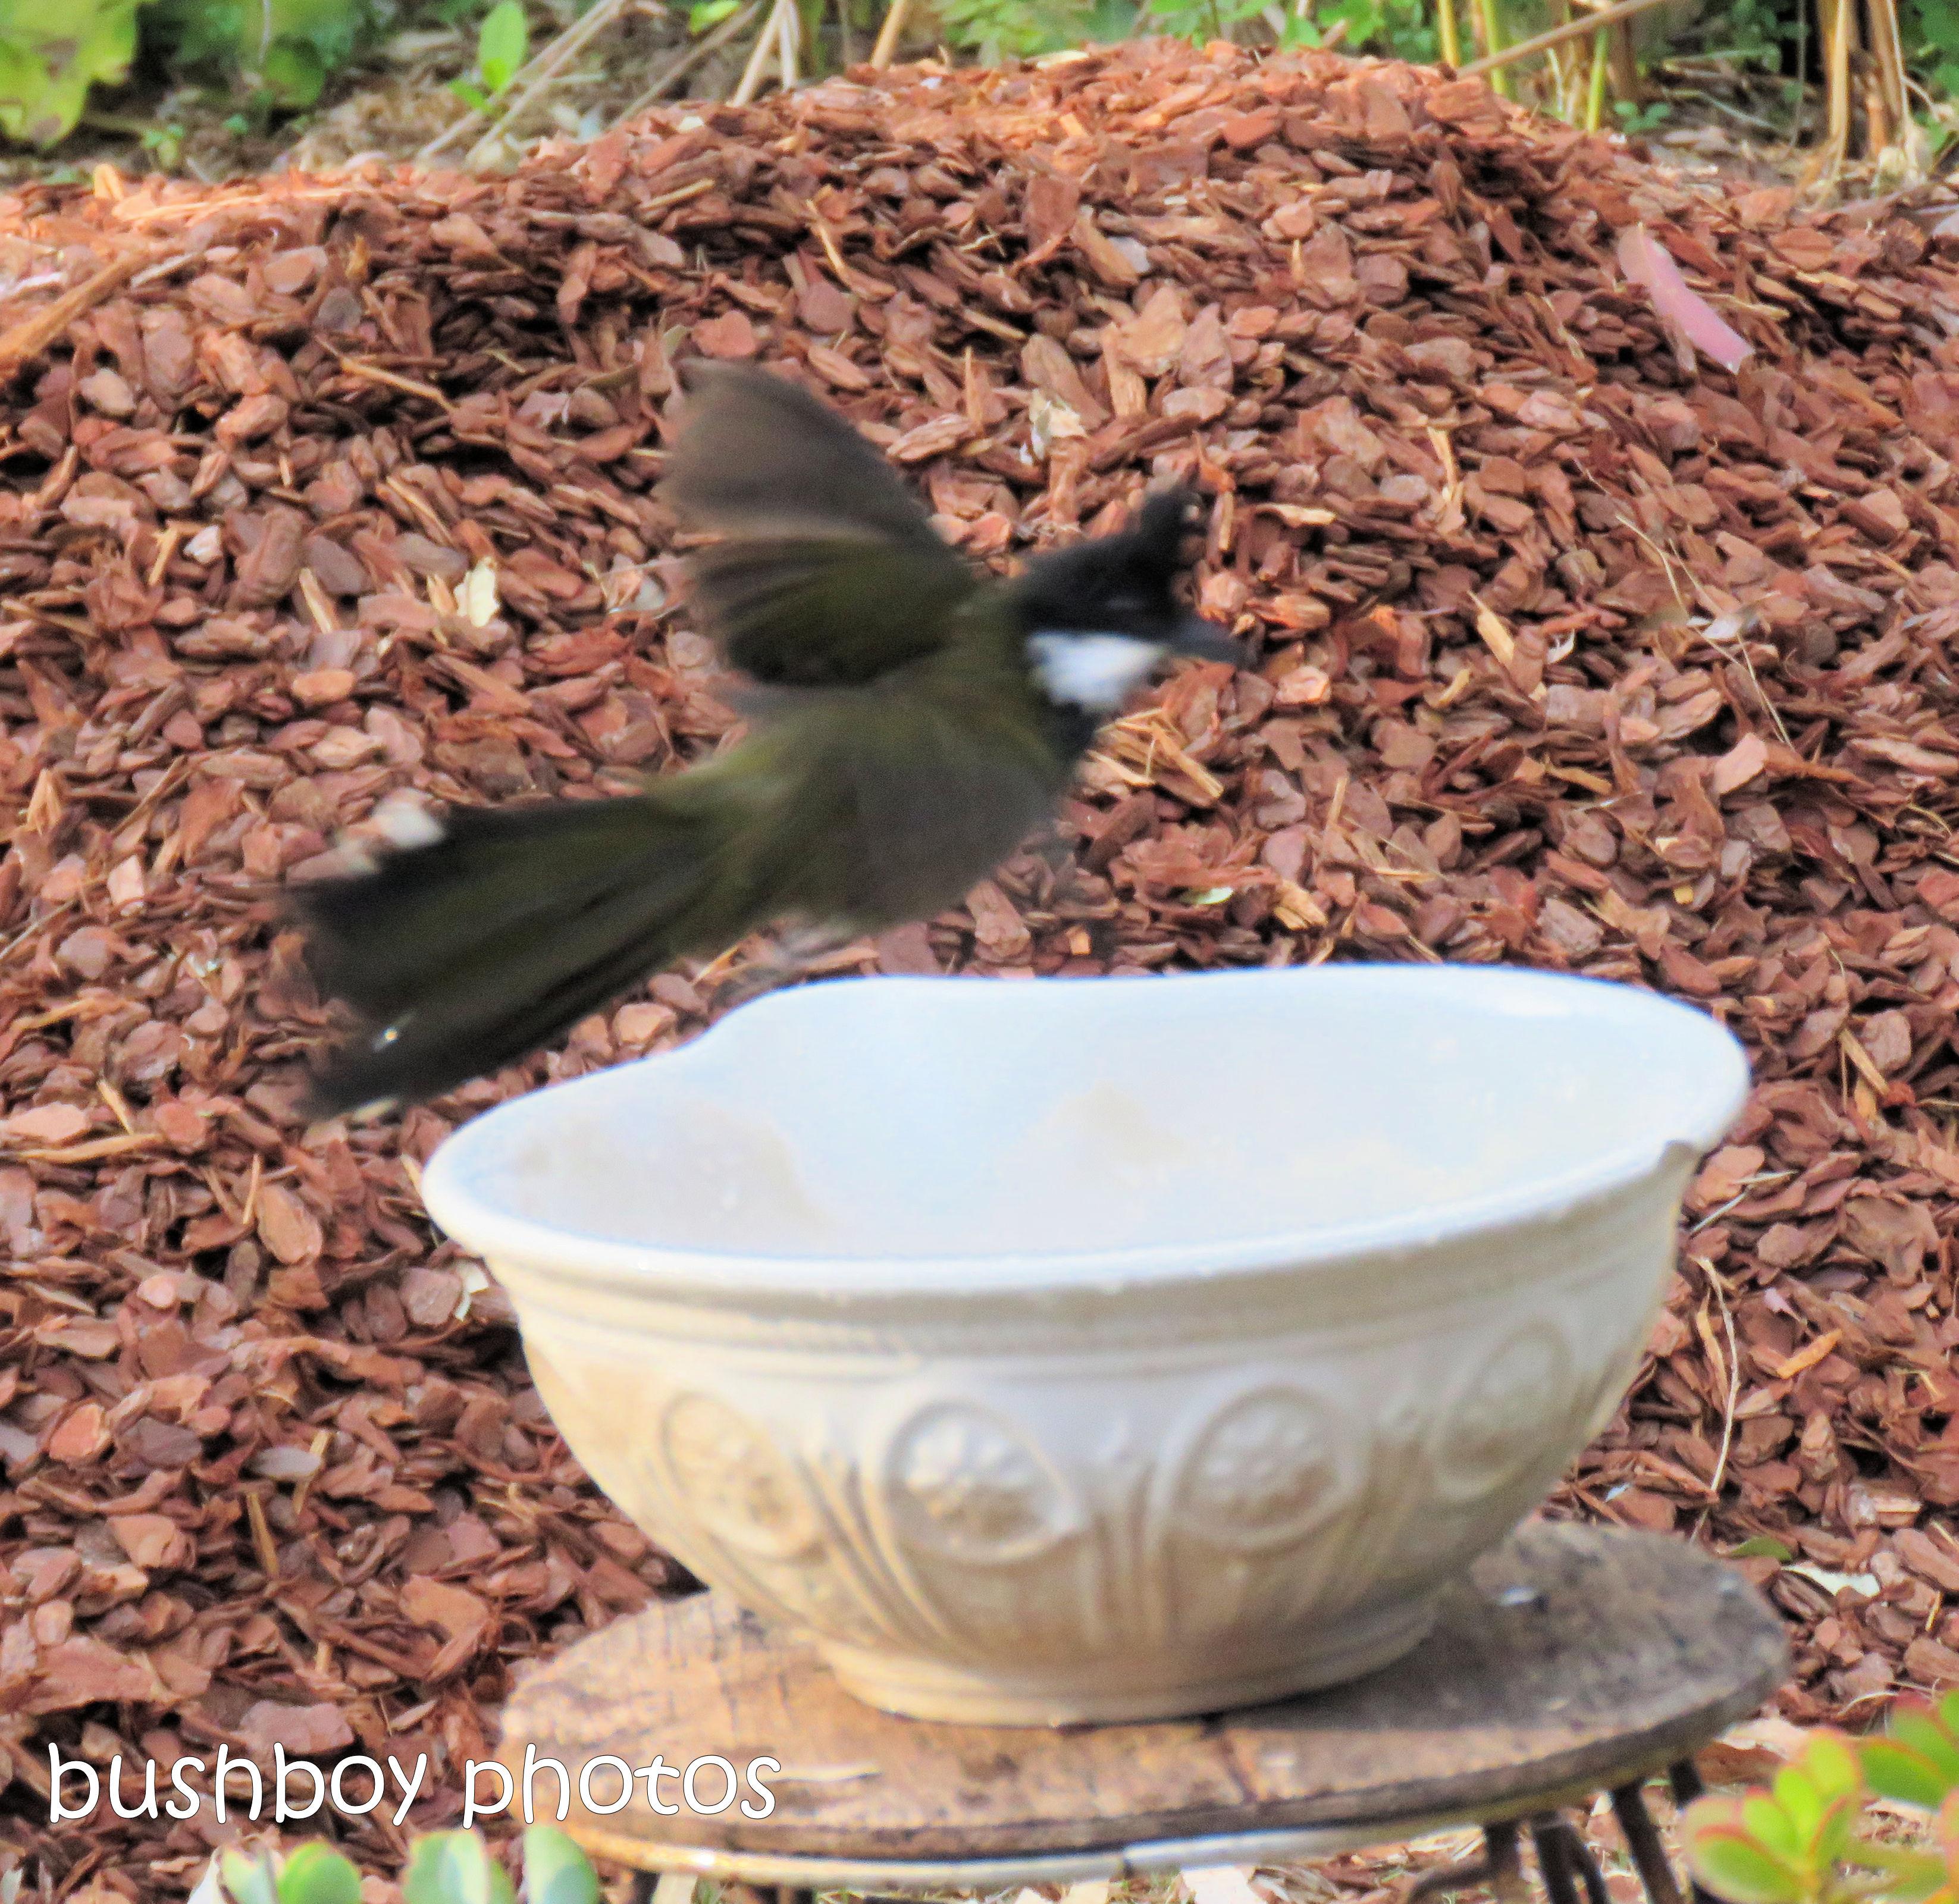 180921_blog challenge_whip bird_bird bath01